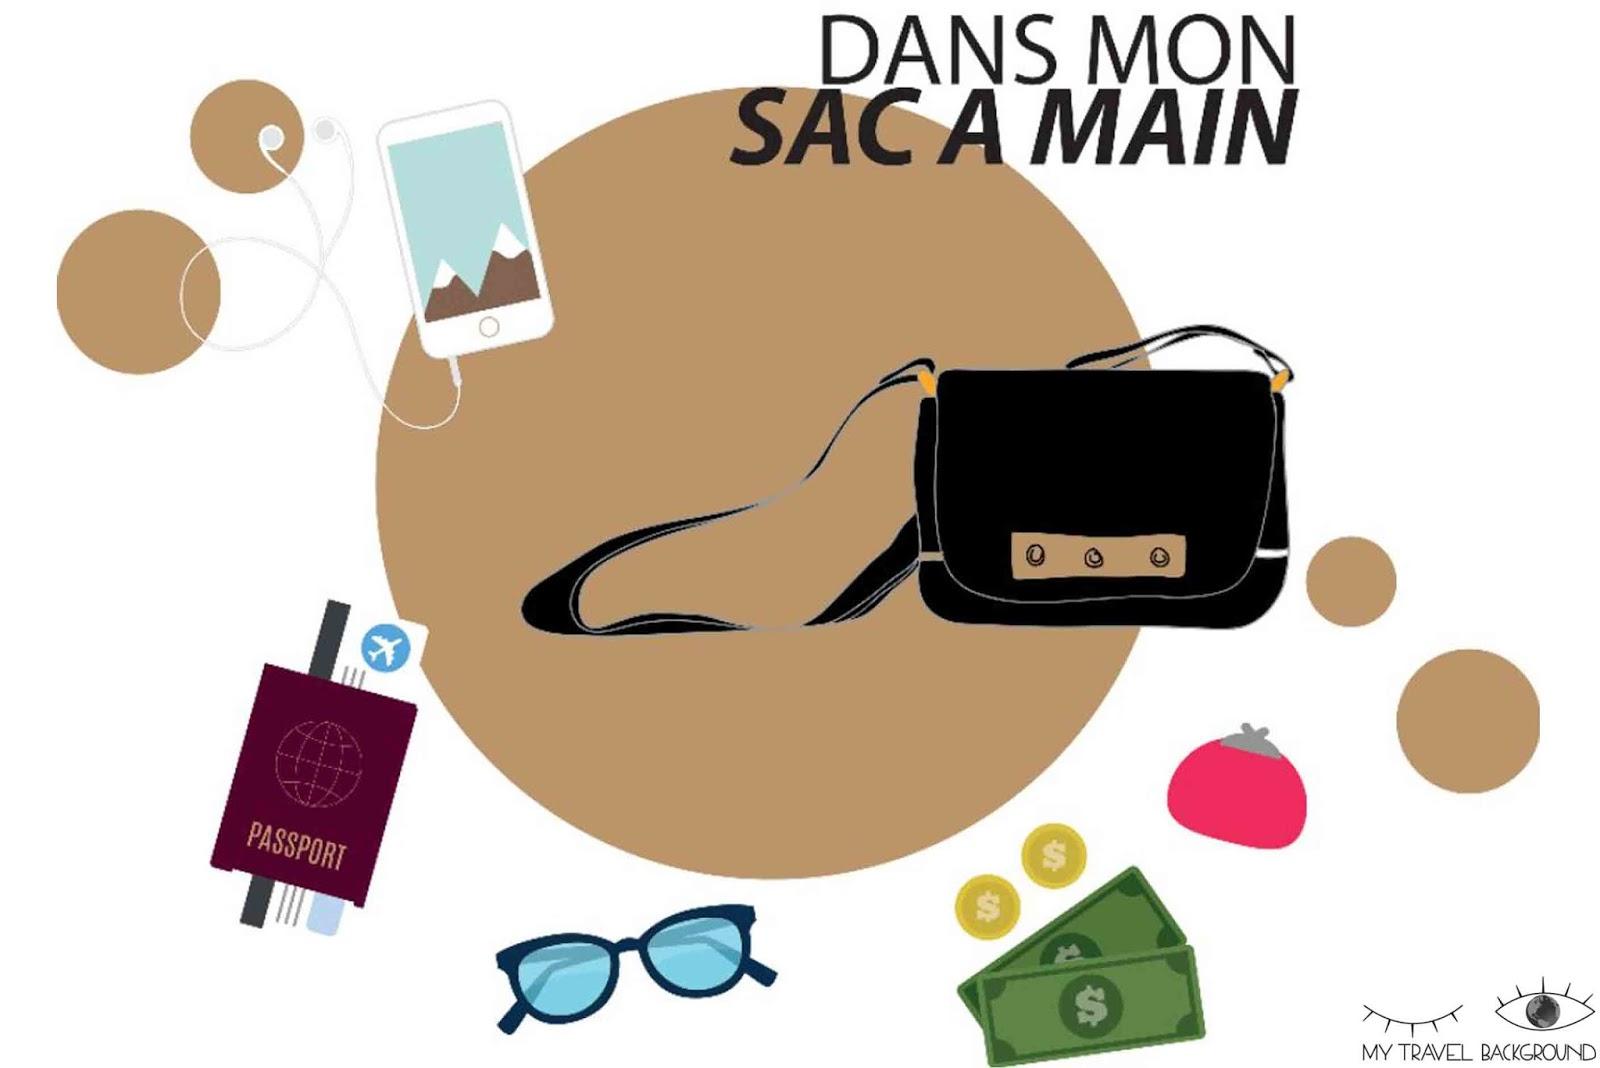 My Travel Background : Comment organiser sa valise pour un long voyage? - Dans mon sac à main